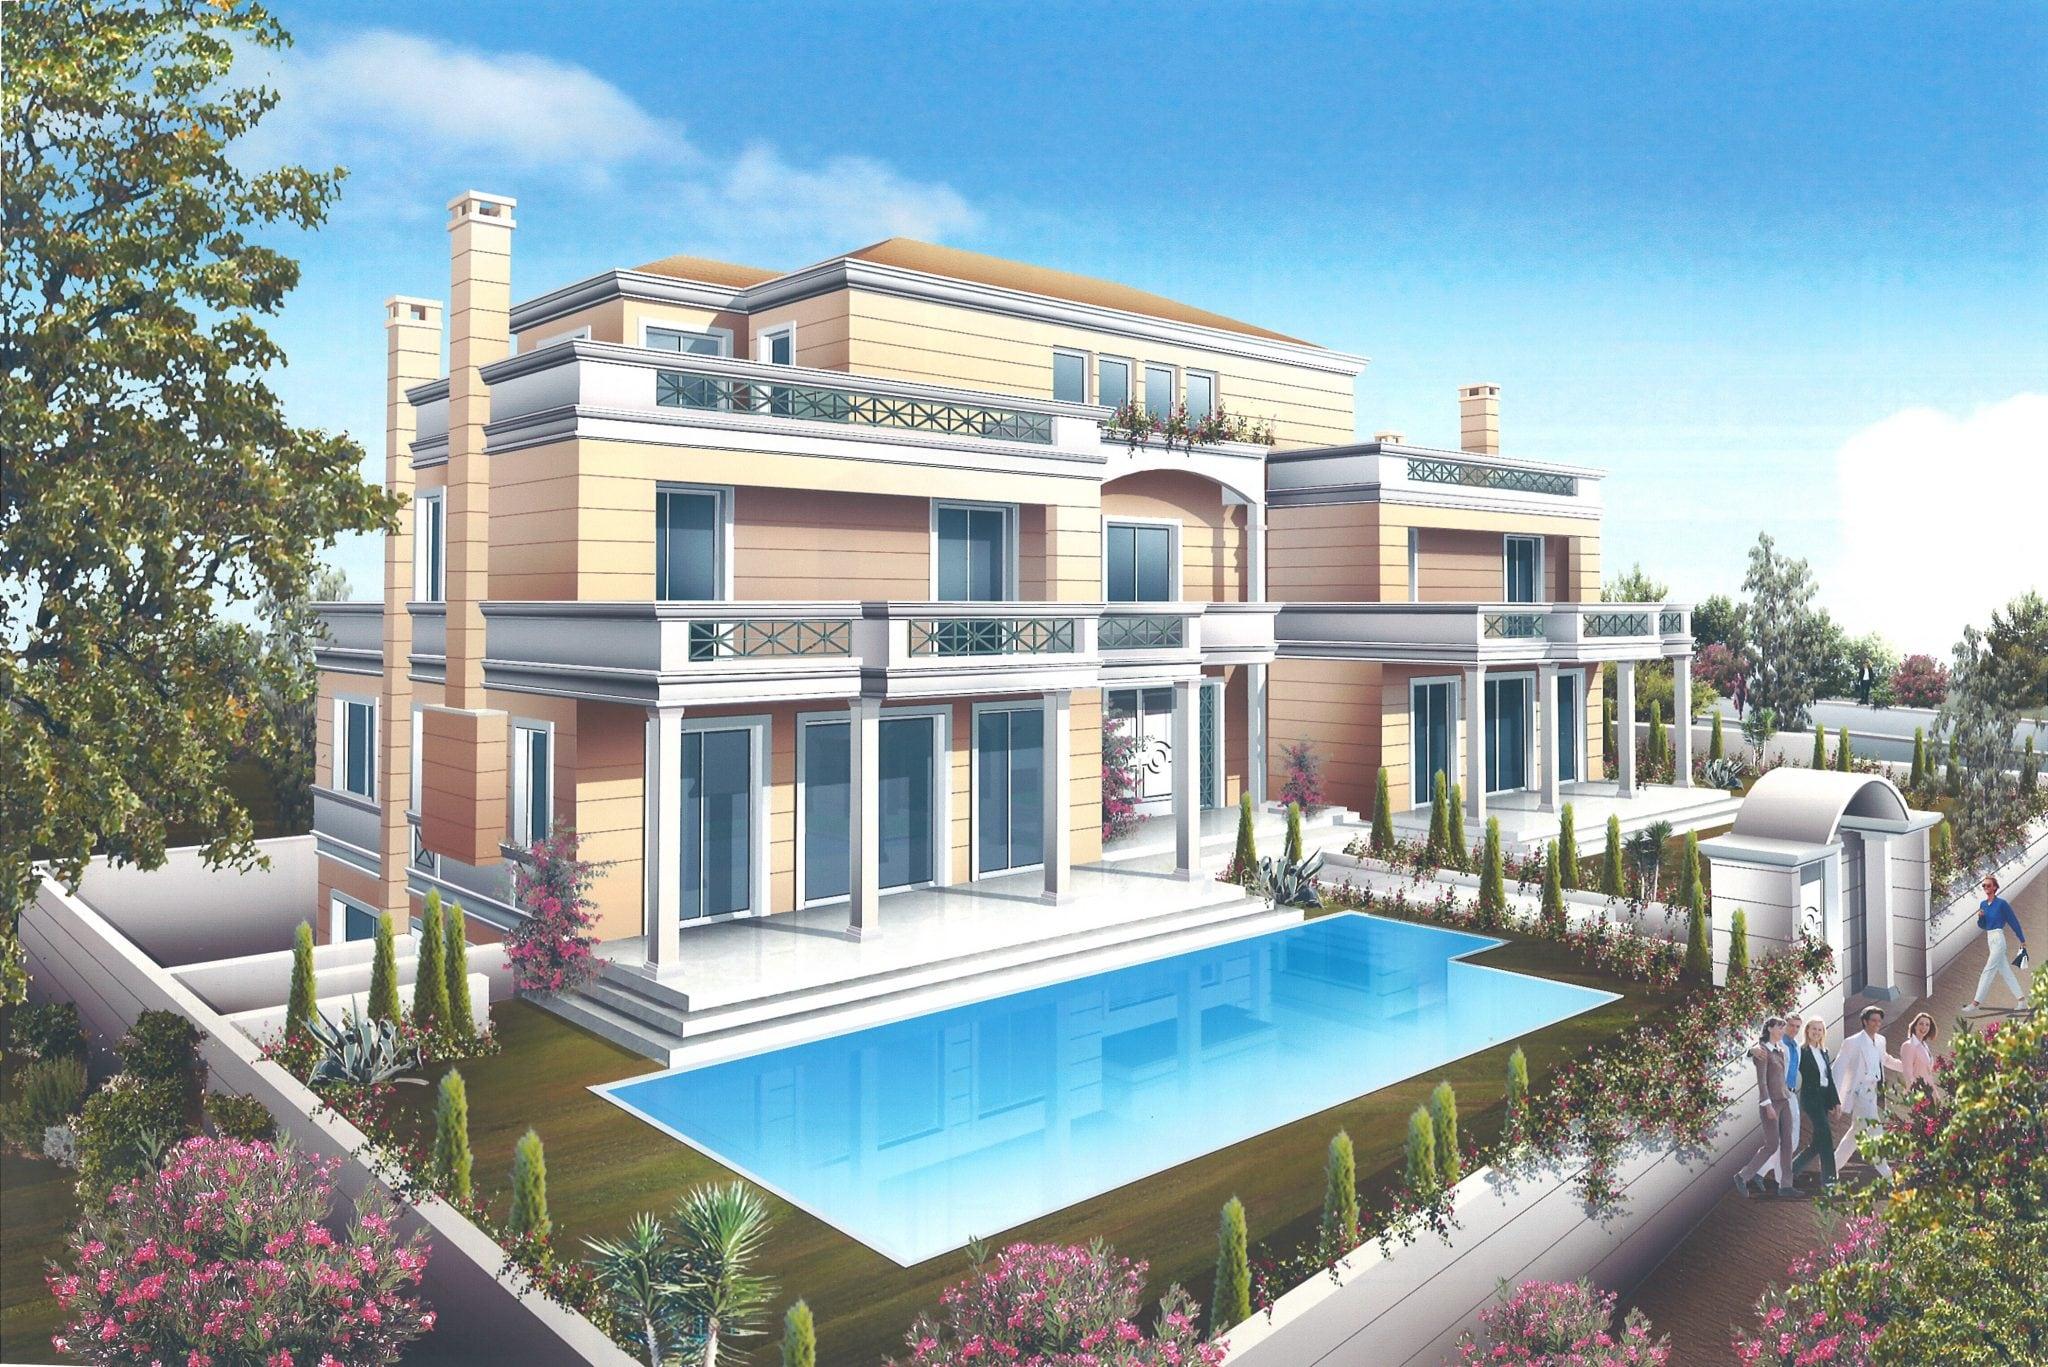 Maison, Voula - Ref GR-2681